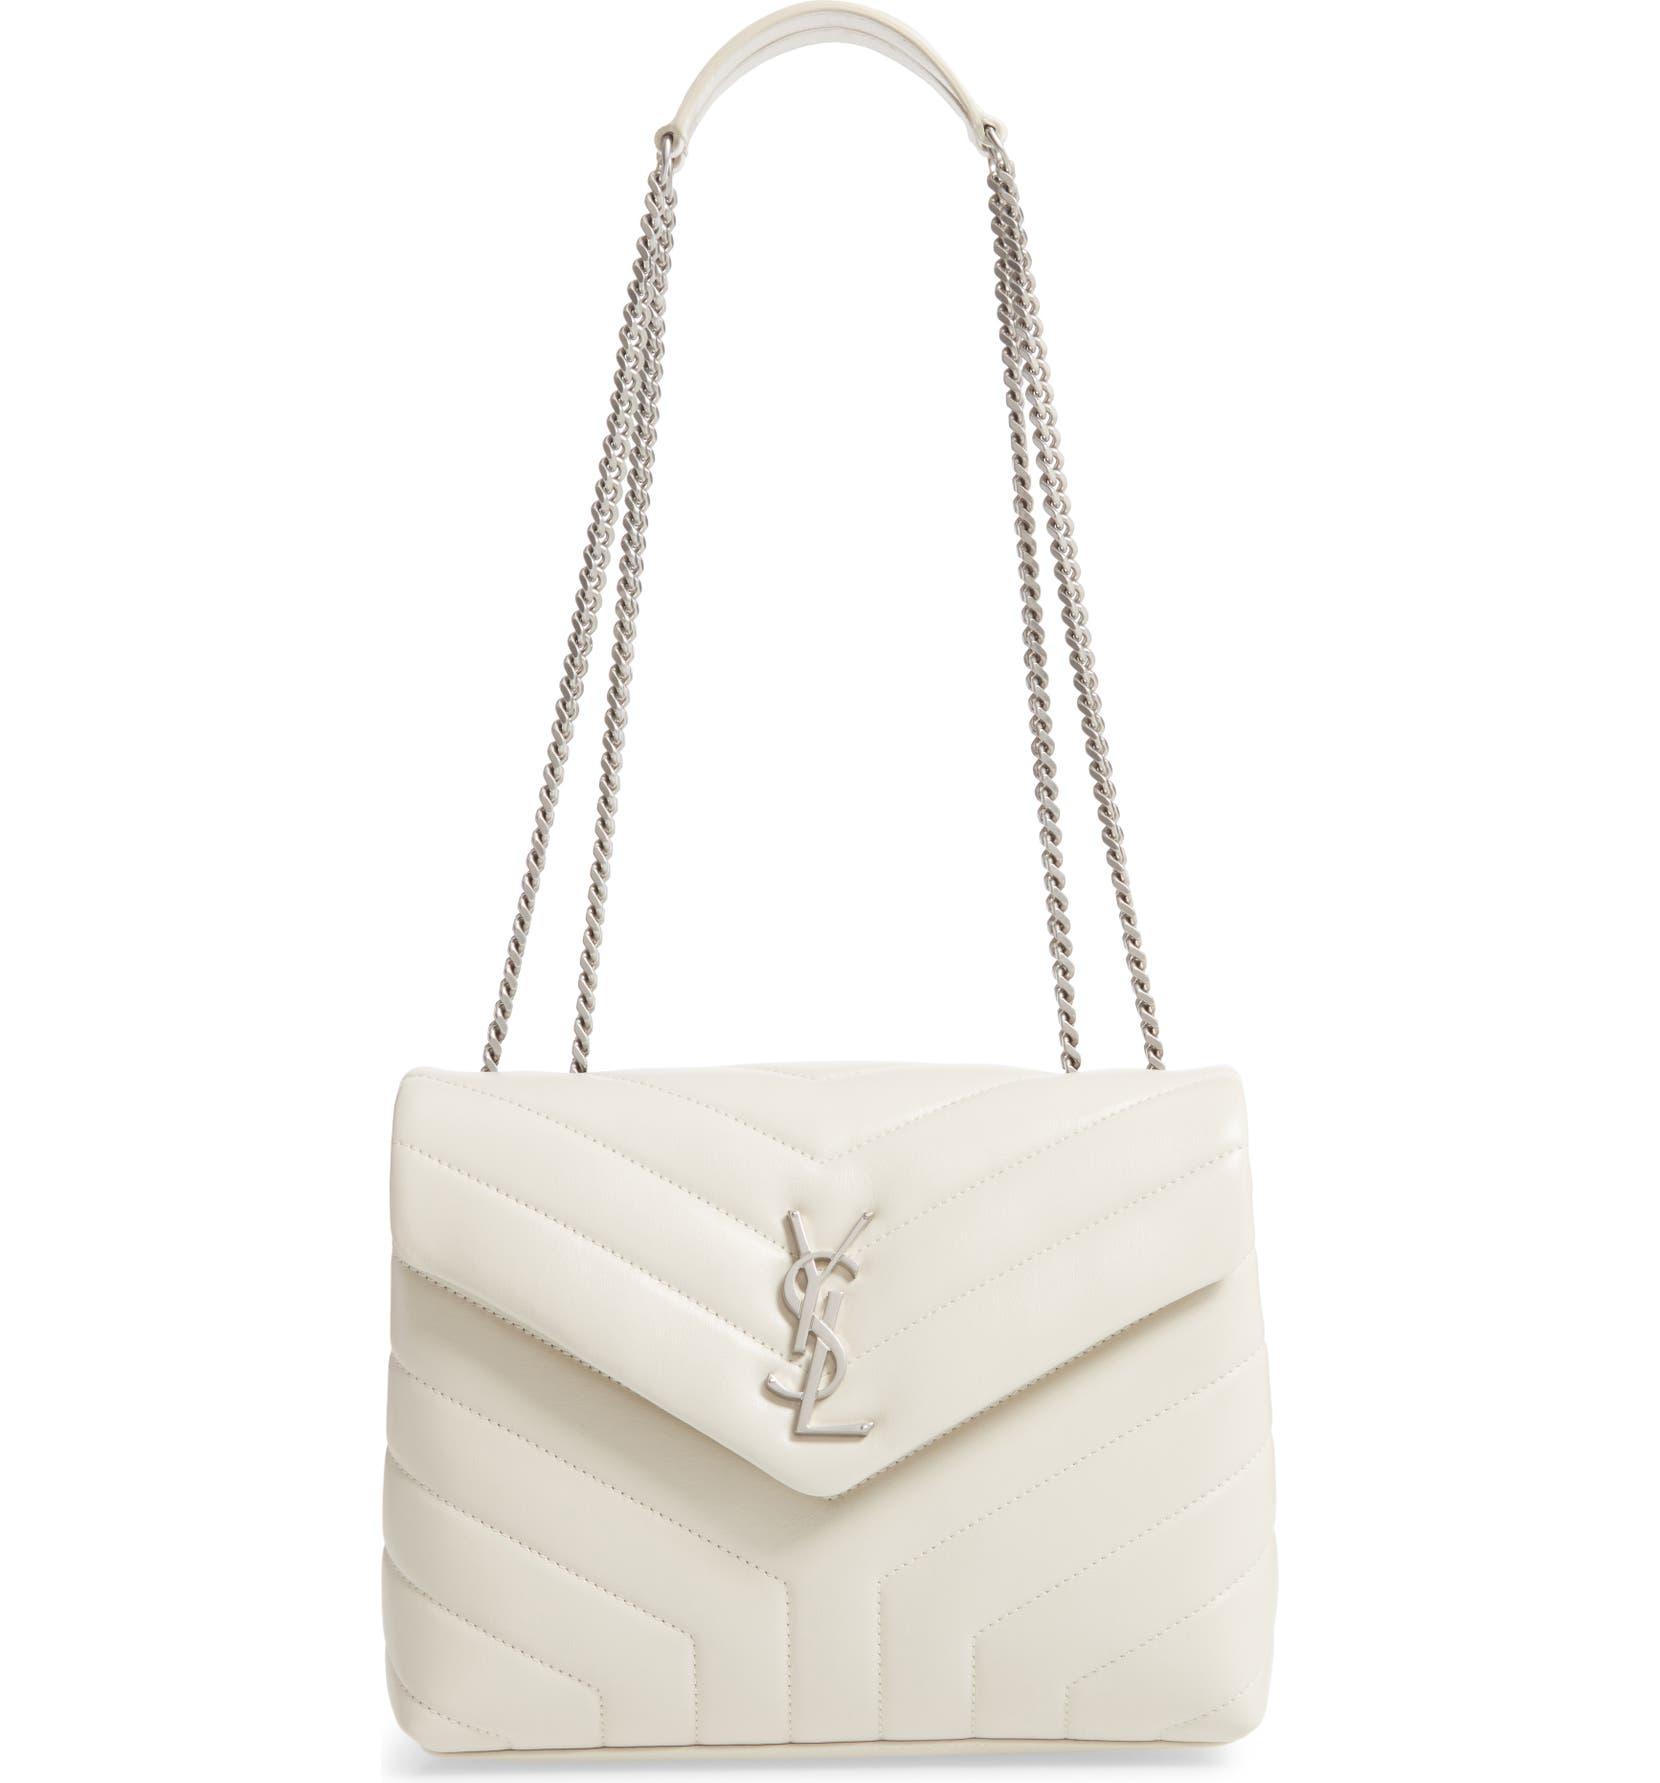 06d4128a85 Small Loulou Matelassé Leather Shoulder Bag